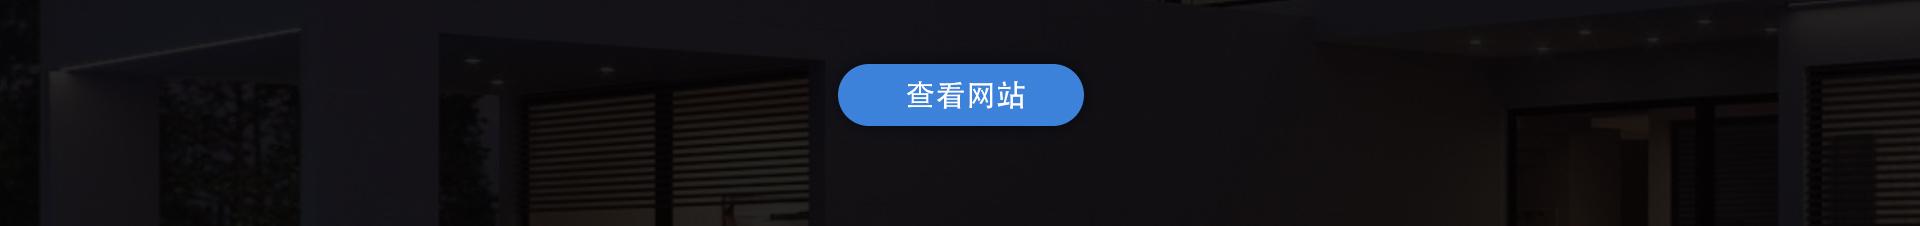 李梦-李梦-触电科技_02